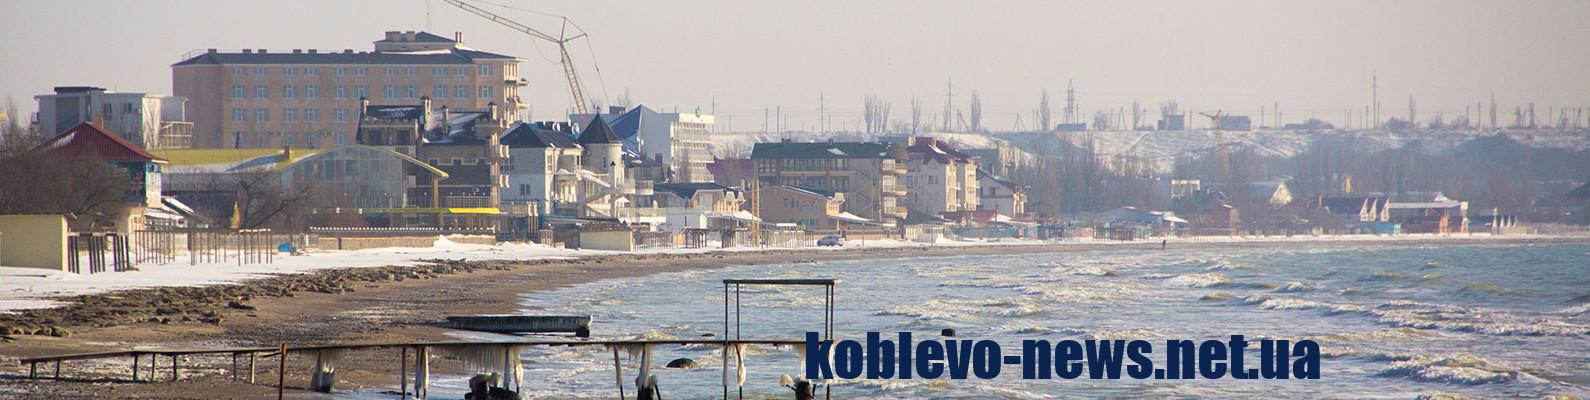 Продам участок в частном секторе Коблево онлайн